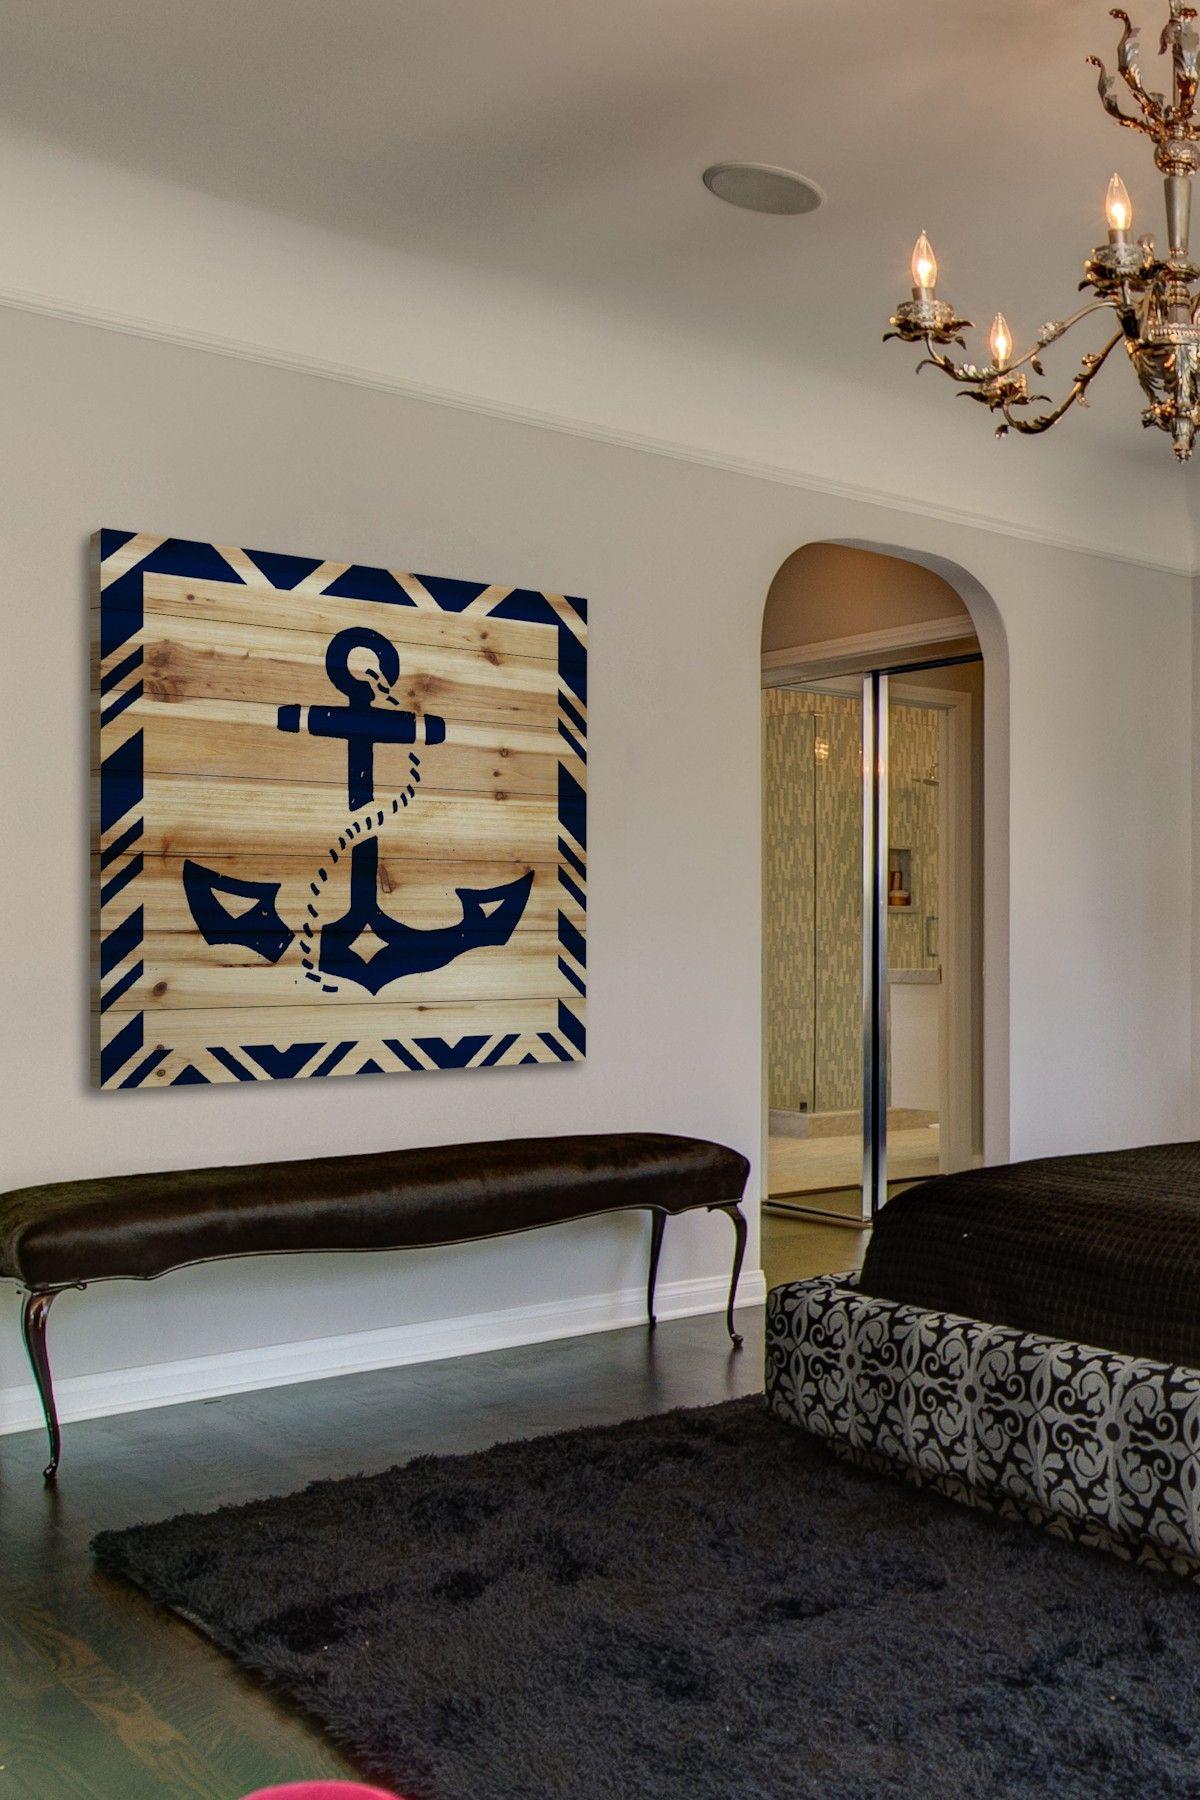 Diy Idea For A Large Nautical Wall Decor Piece Anchor